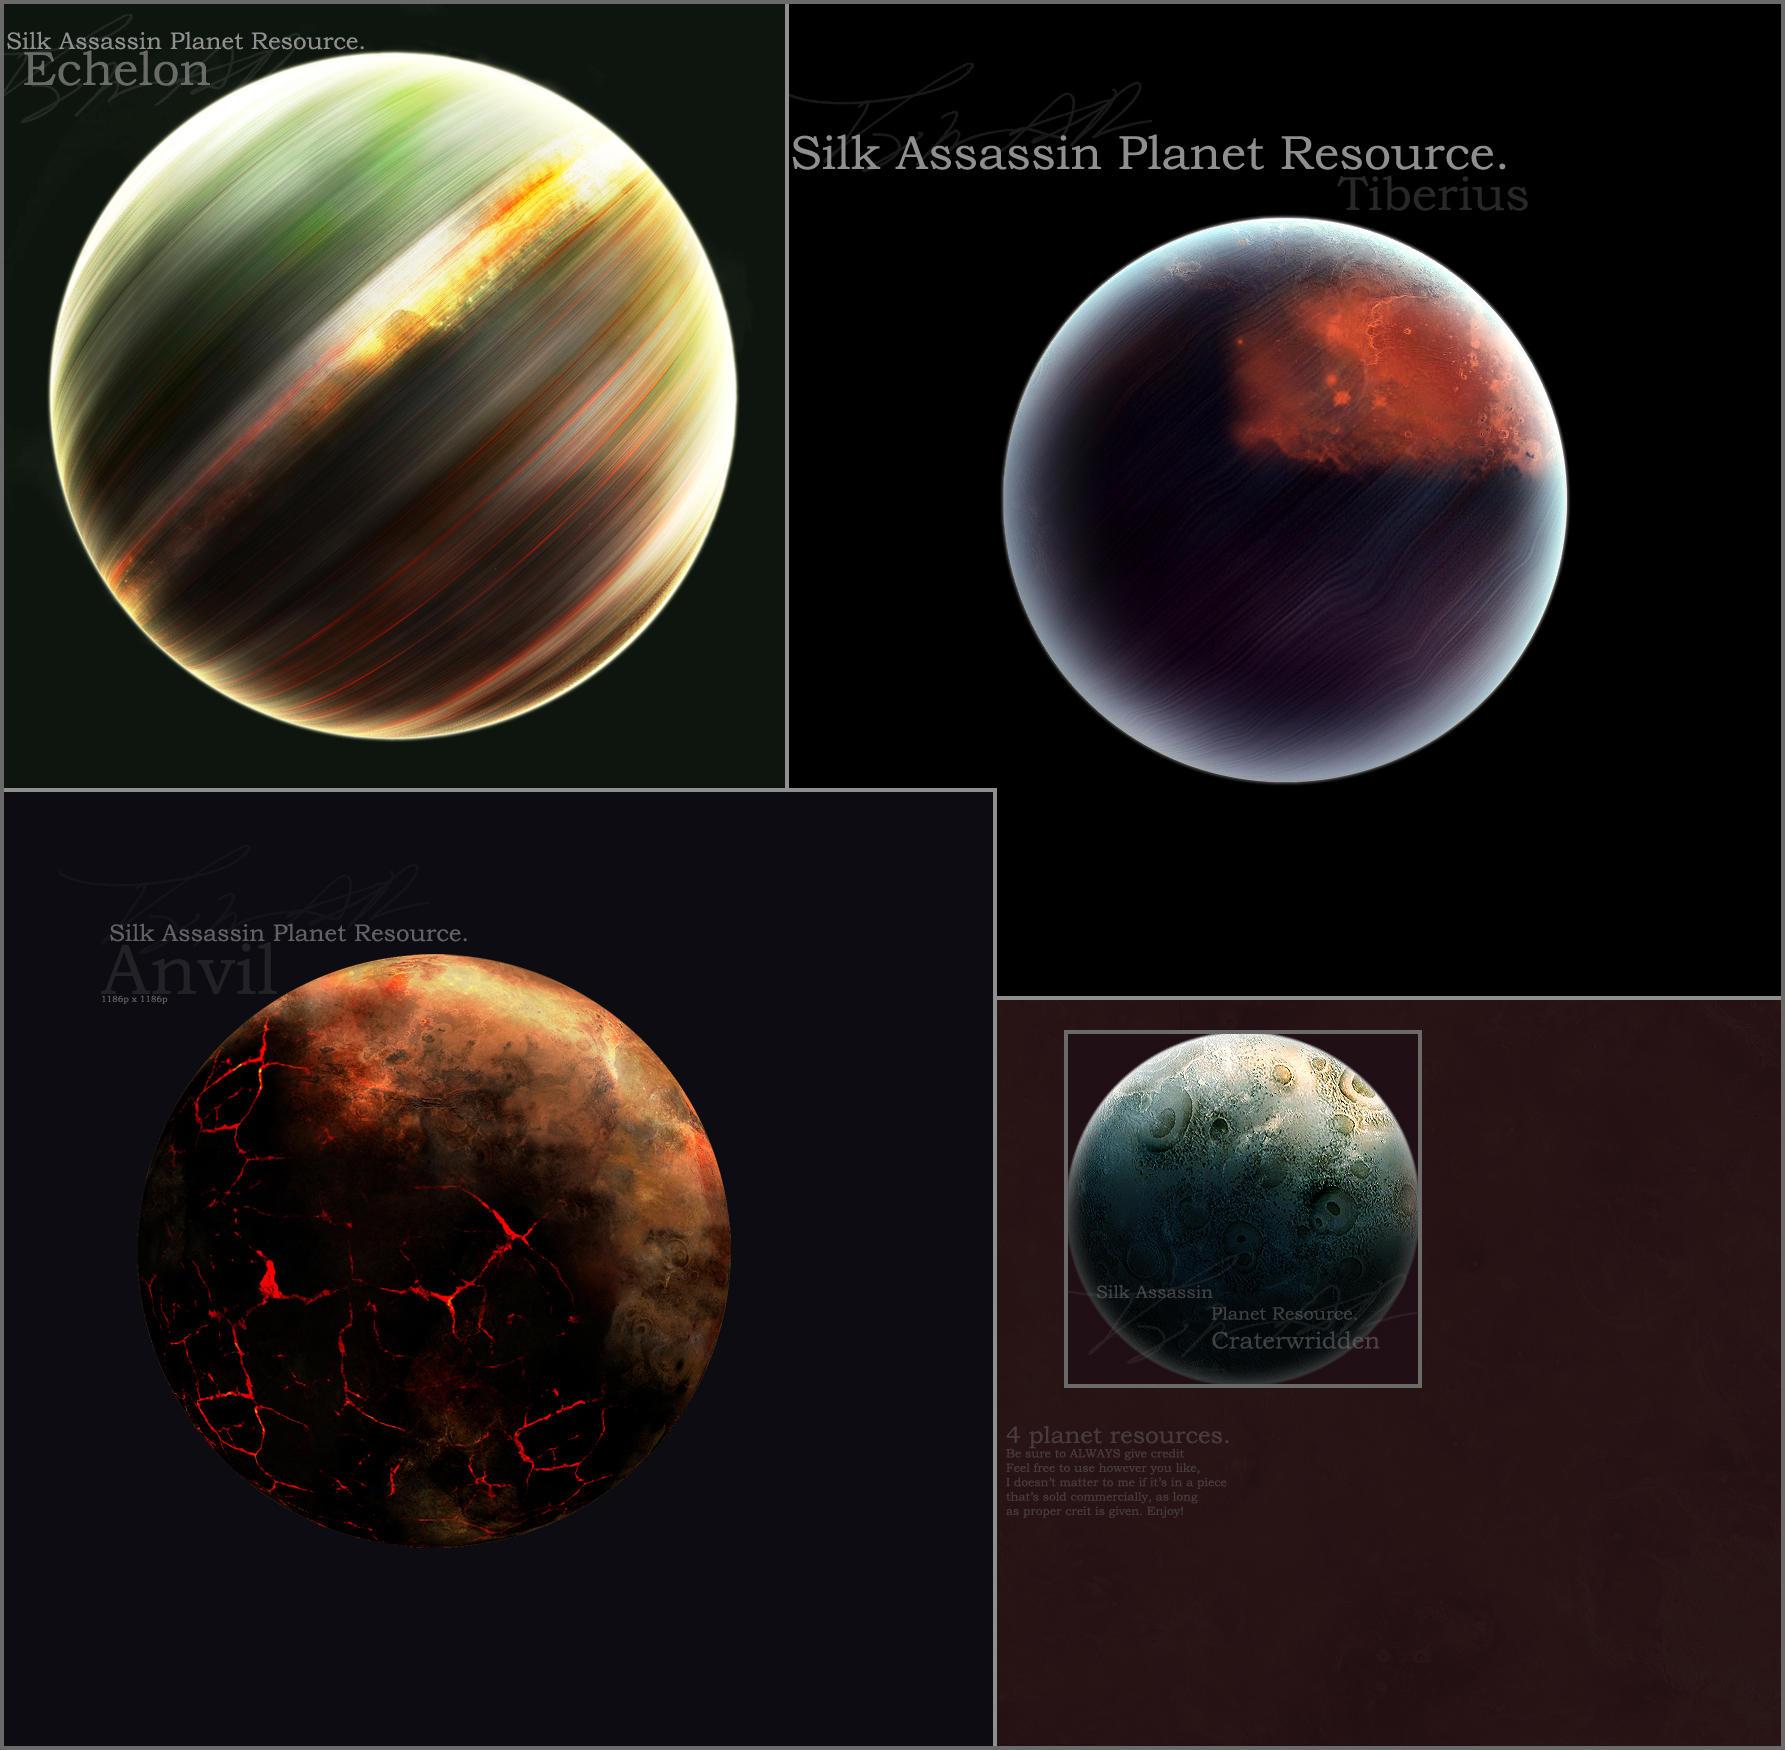 SilkAssassin Planet Resource. by SilkAssassin